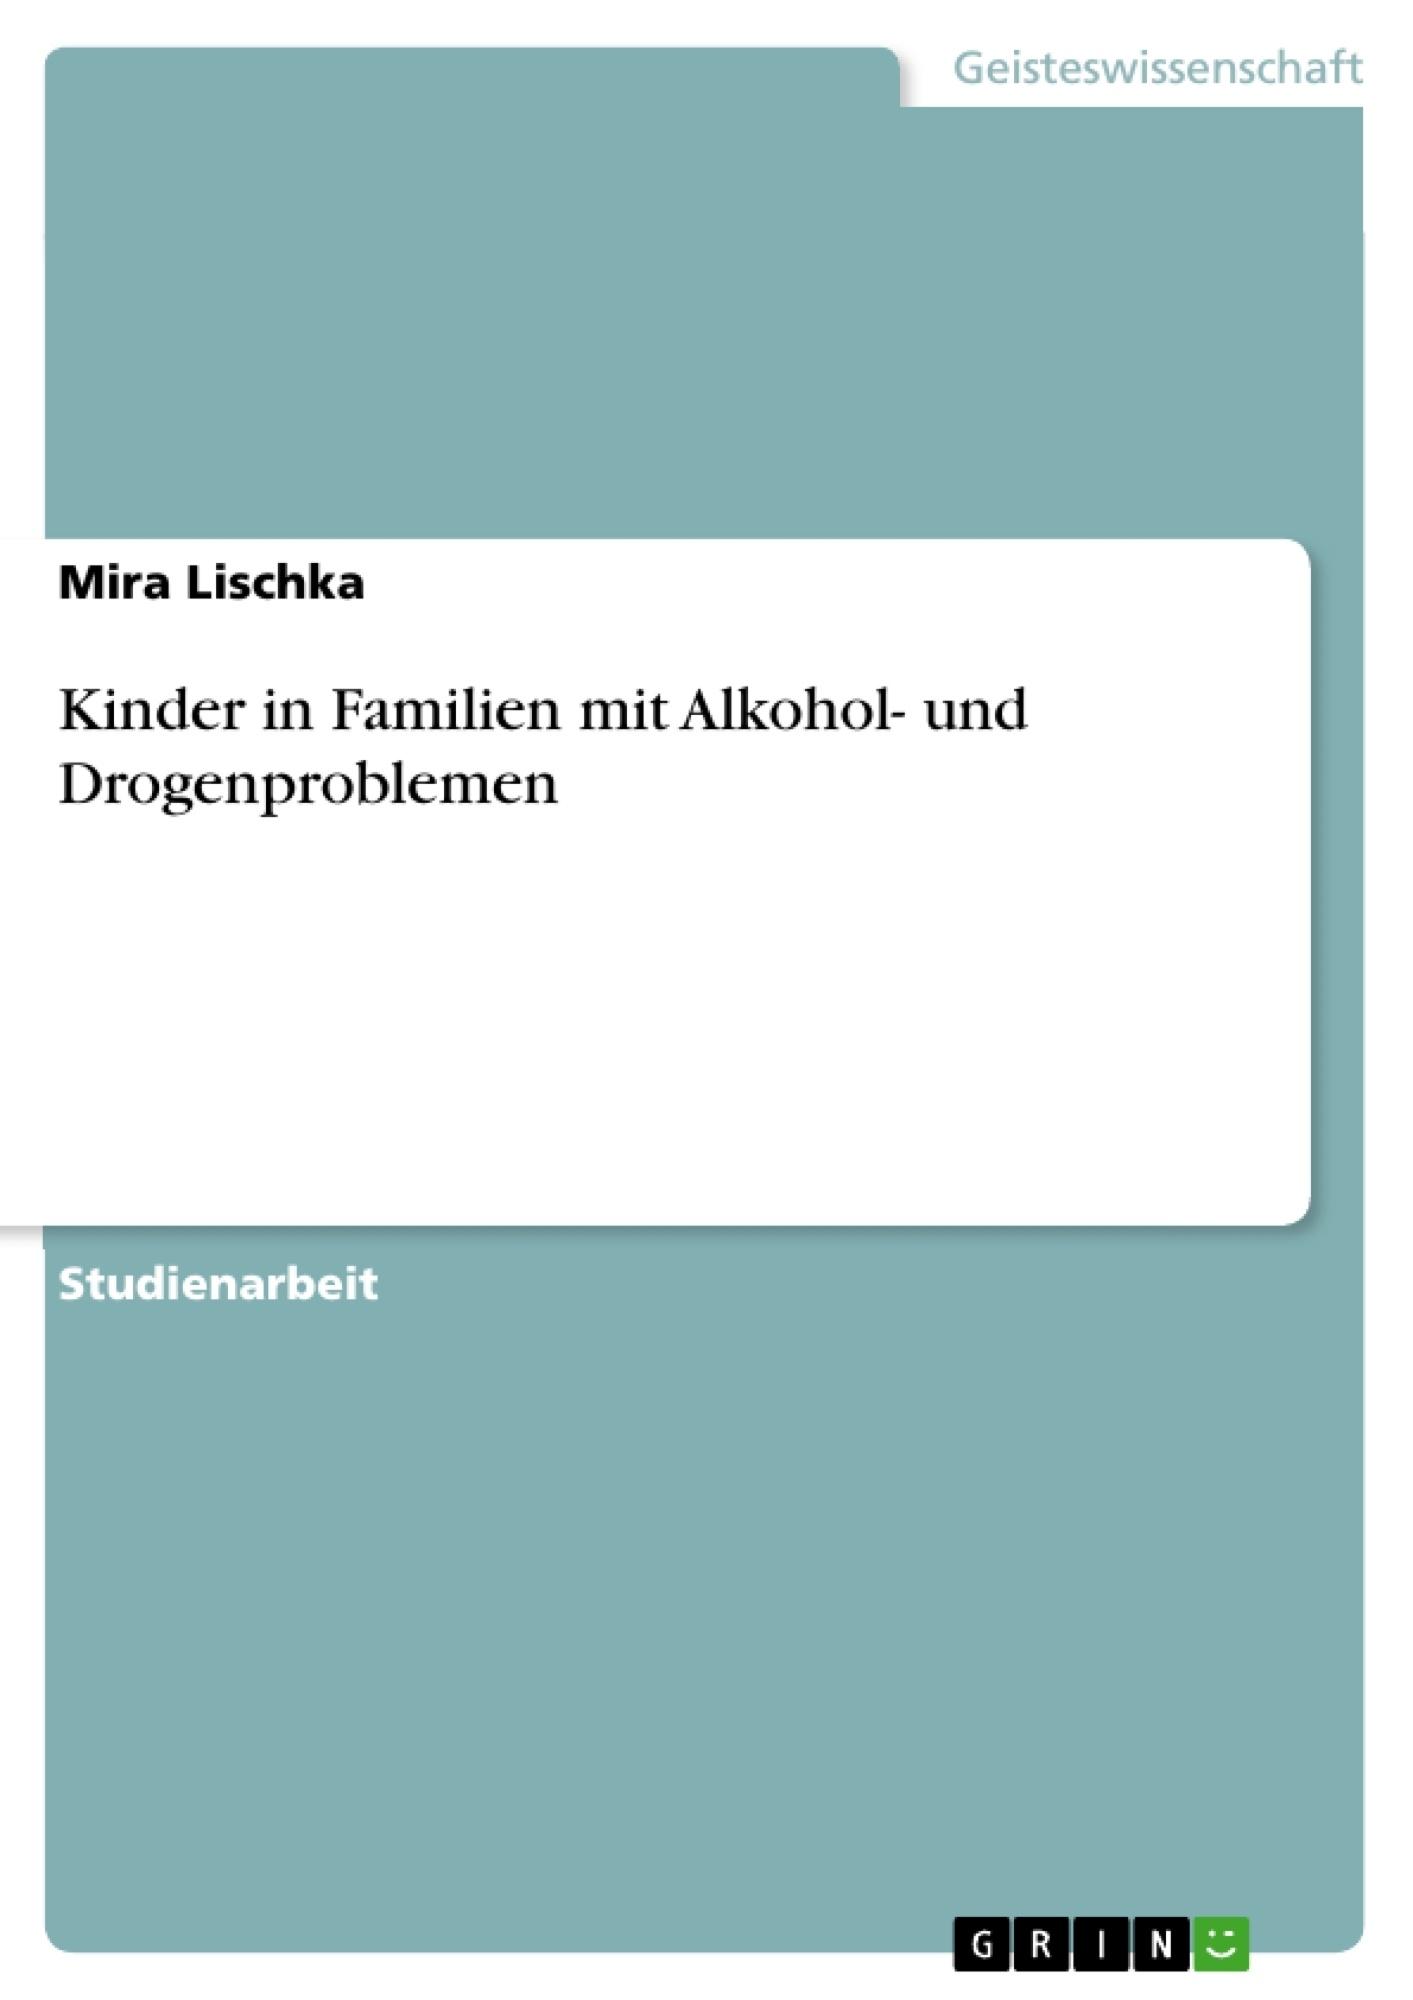 Titel: Kinder in Familien mit Alkohol- und Drogenproblemen